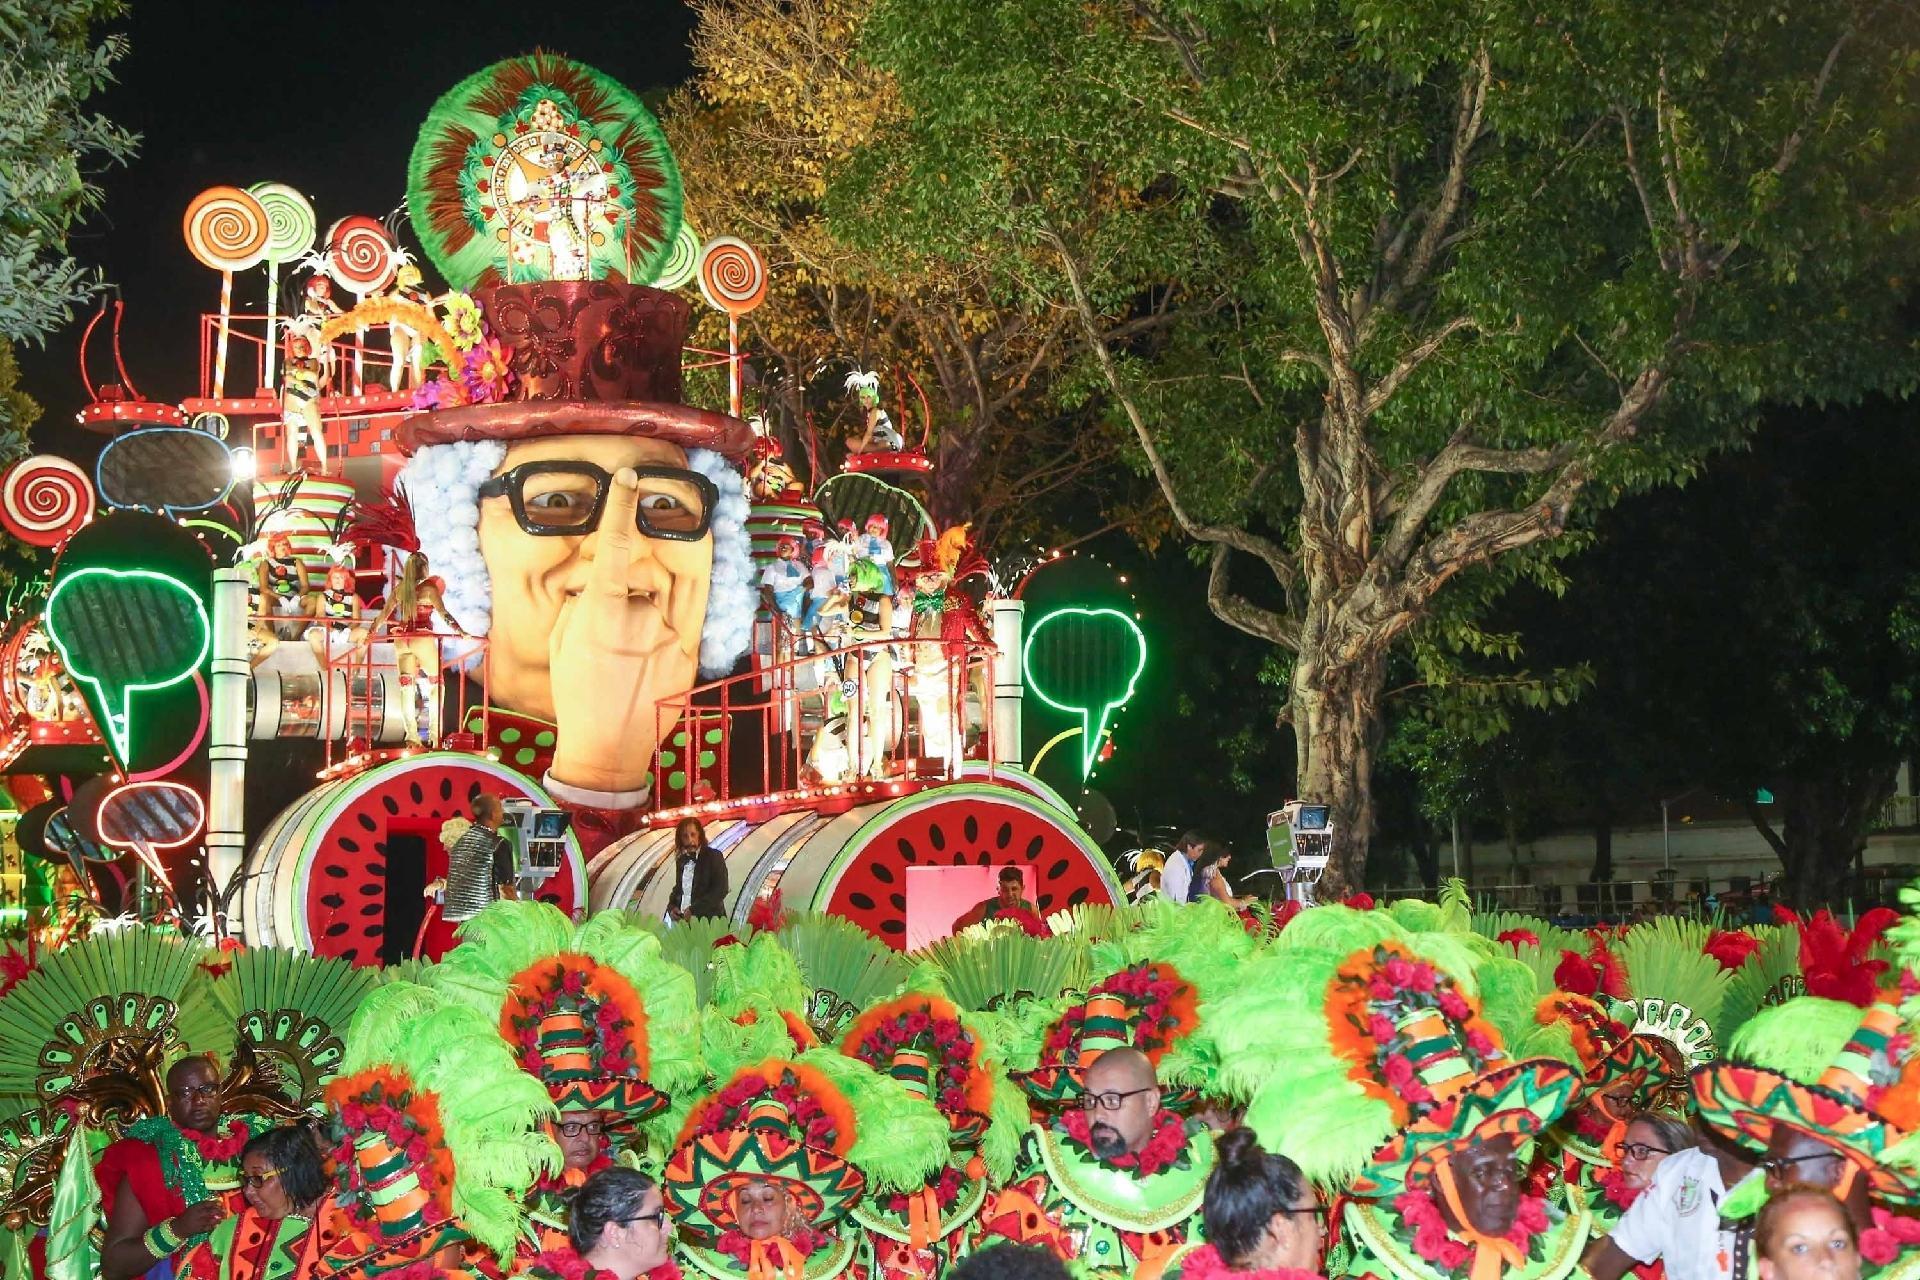 Fotos  Grande Rio - - UOL Entretenimento 5954e242c7b